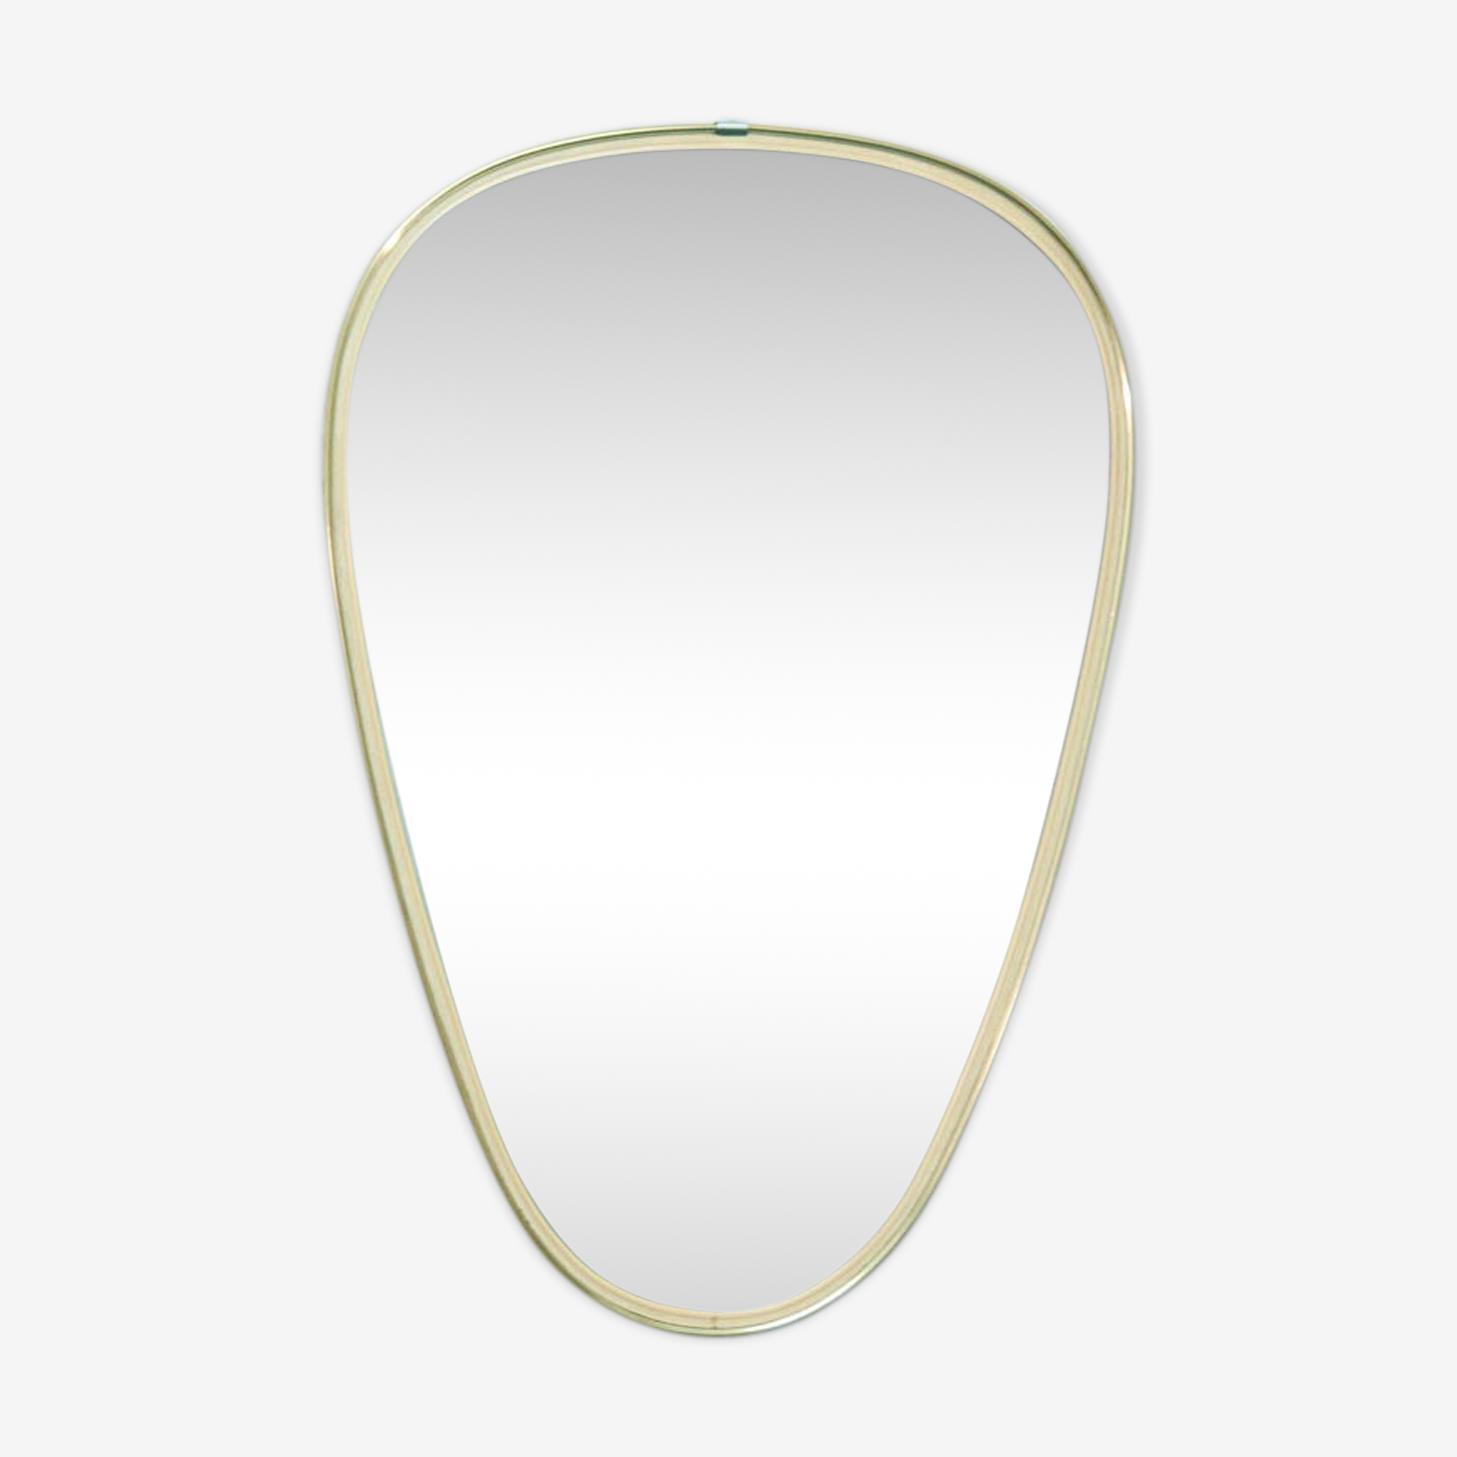 Golden brass oval mirror 48x32cm